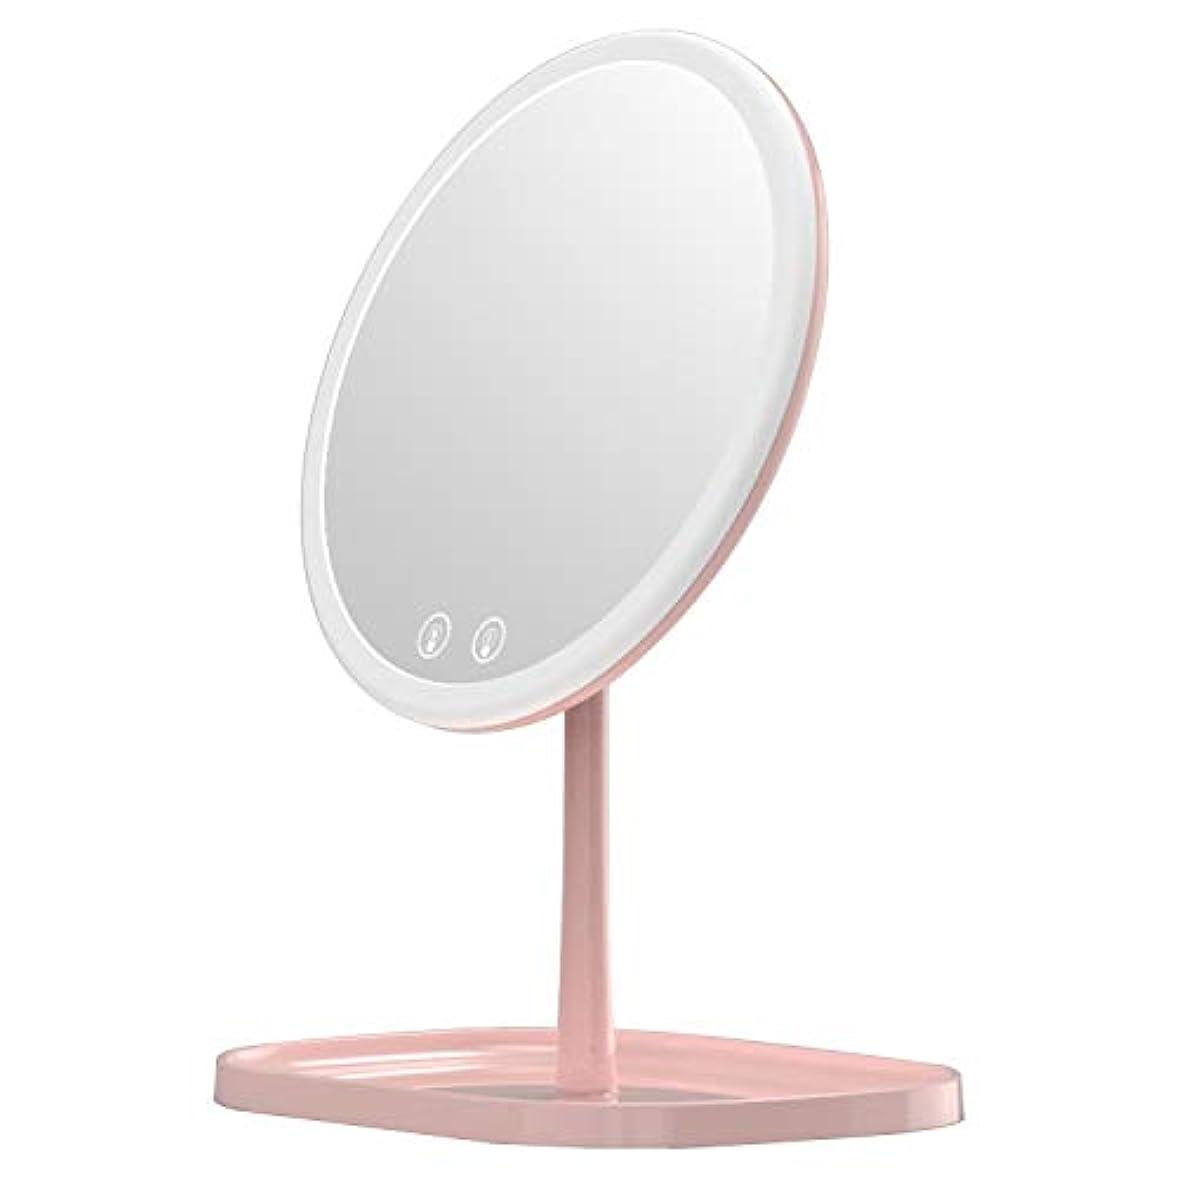 モードリン変化するバルブMouyor 化粧鏡***化粧鏡充電式LED、1 x / 5 x拡大、5倍拡大鏡 LEDライト付き 卓上鏡 3色の照明モード(ピンク)